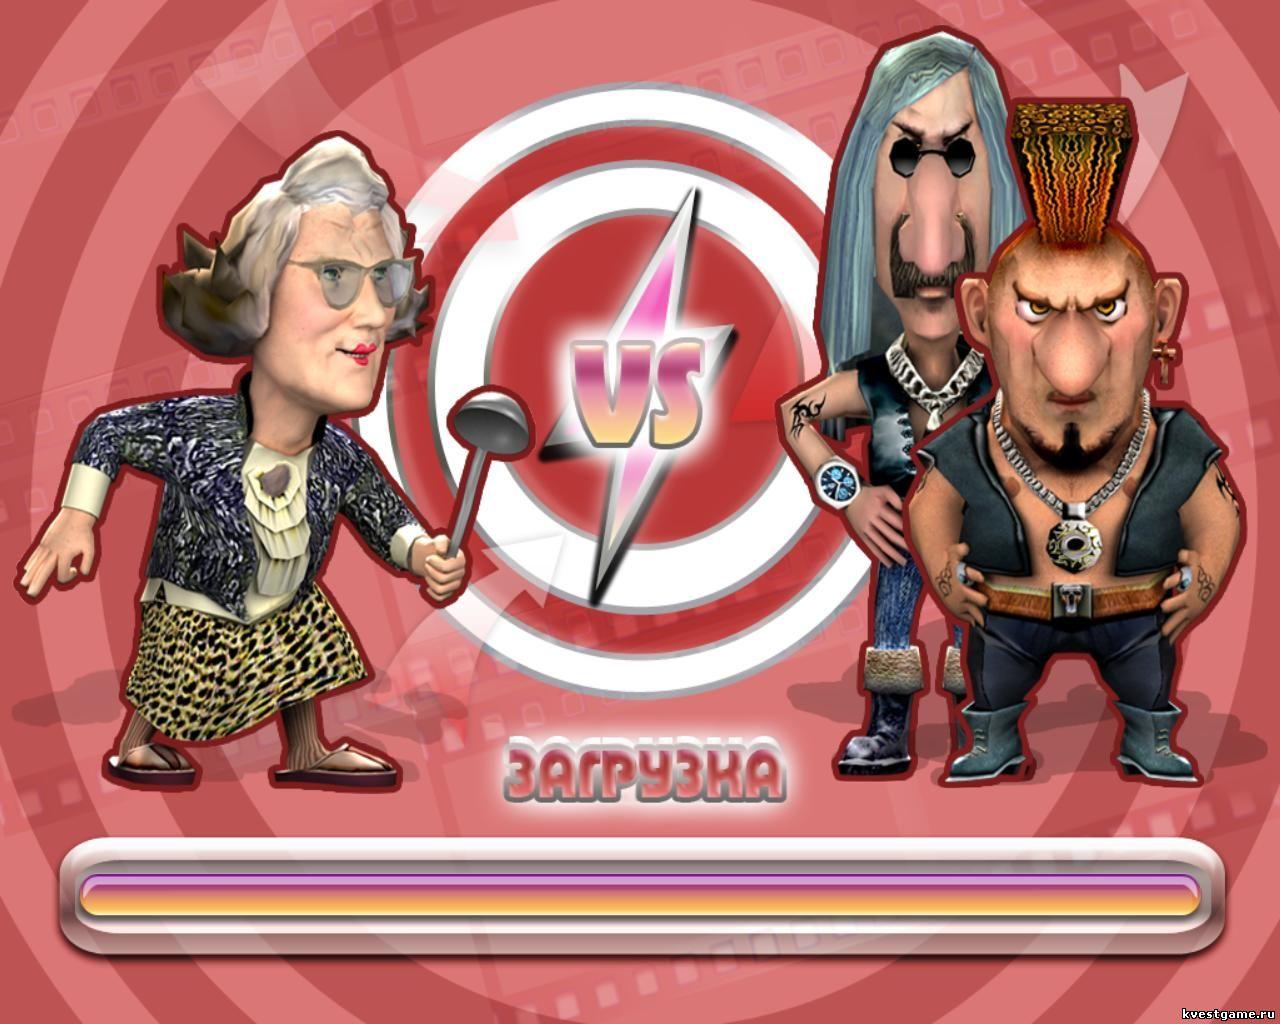 постер четвертого уровня игры.